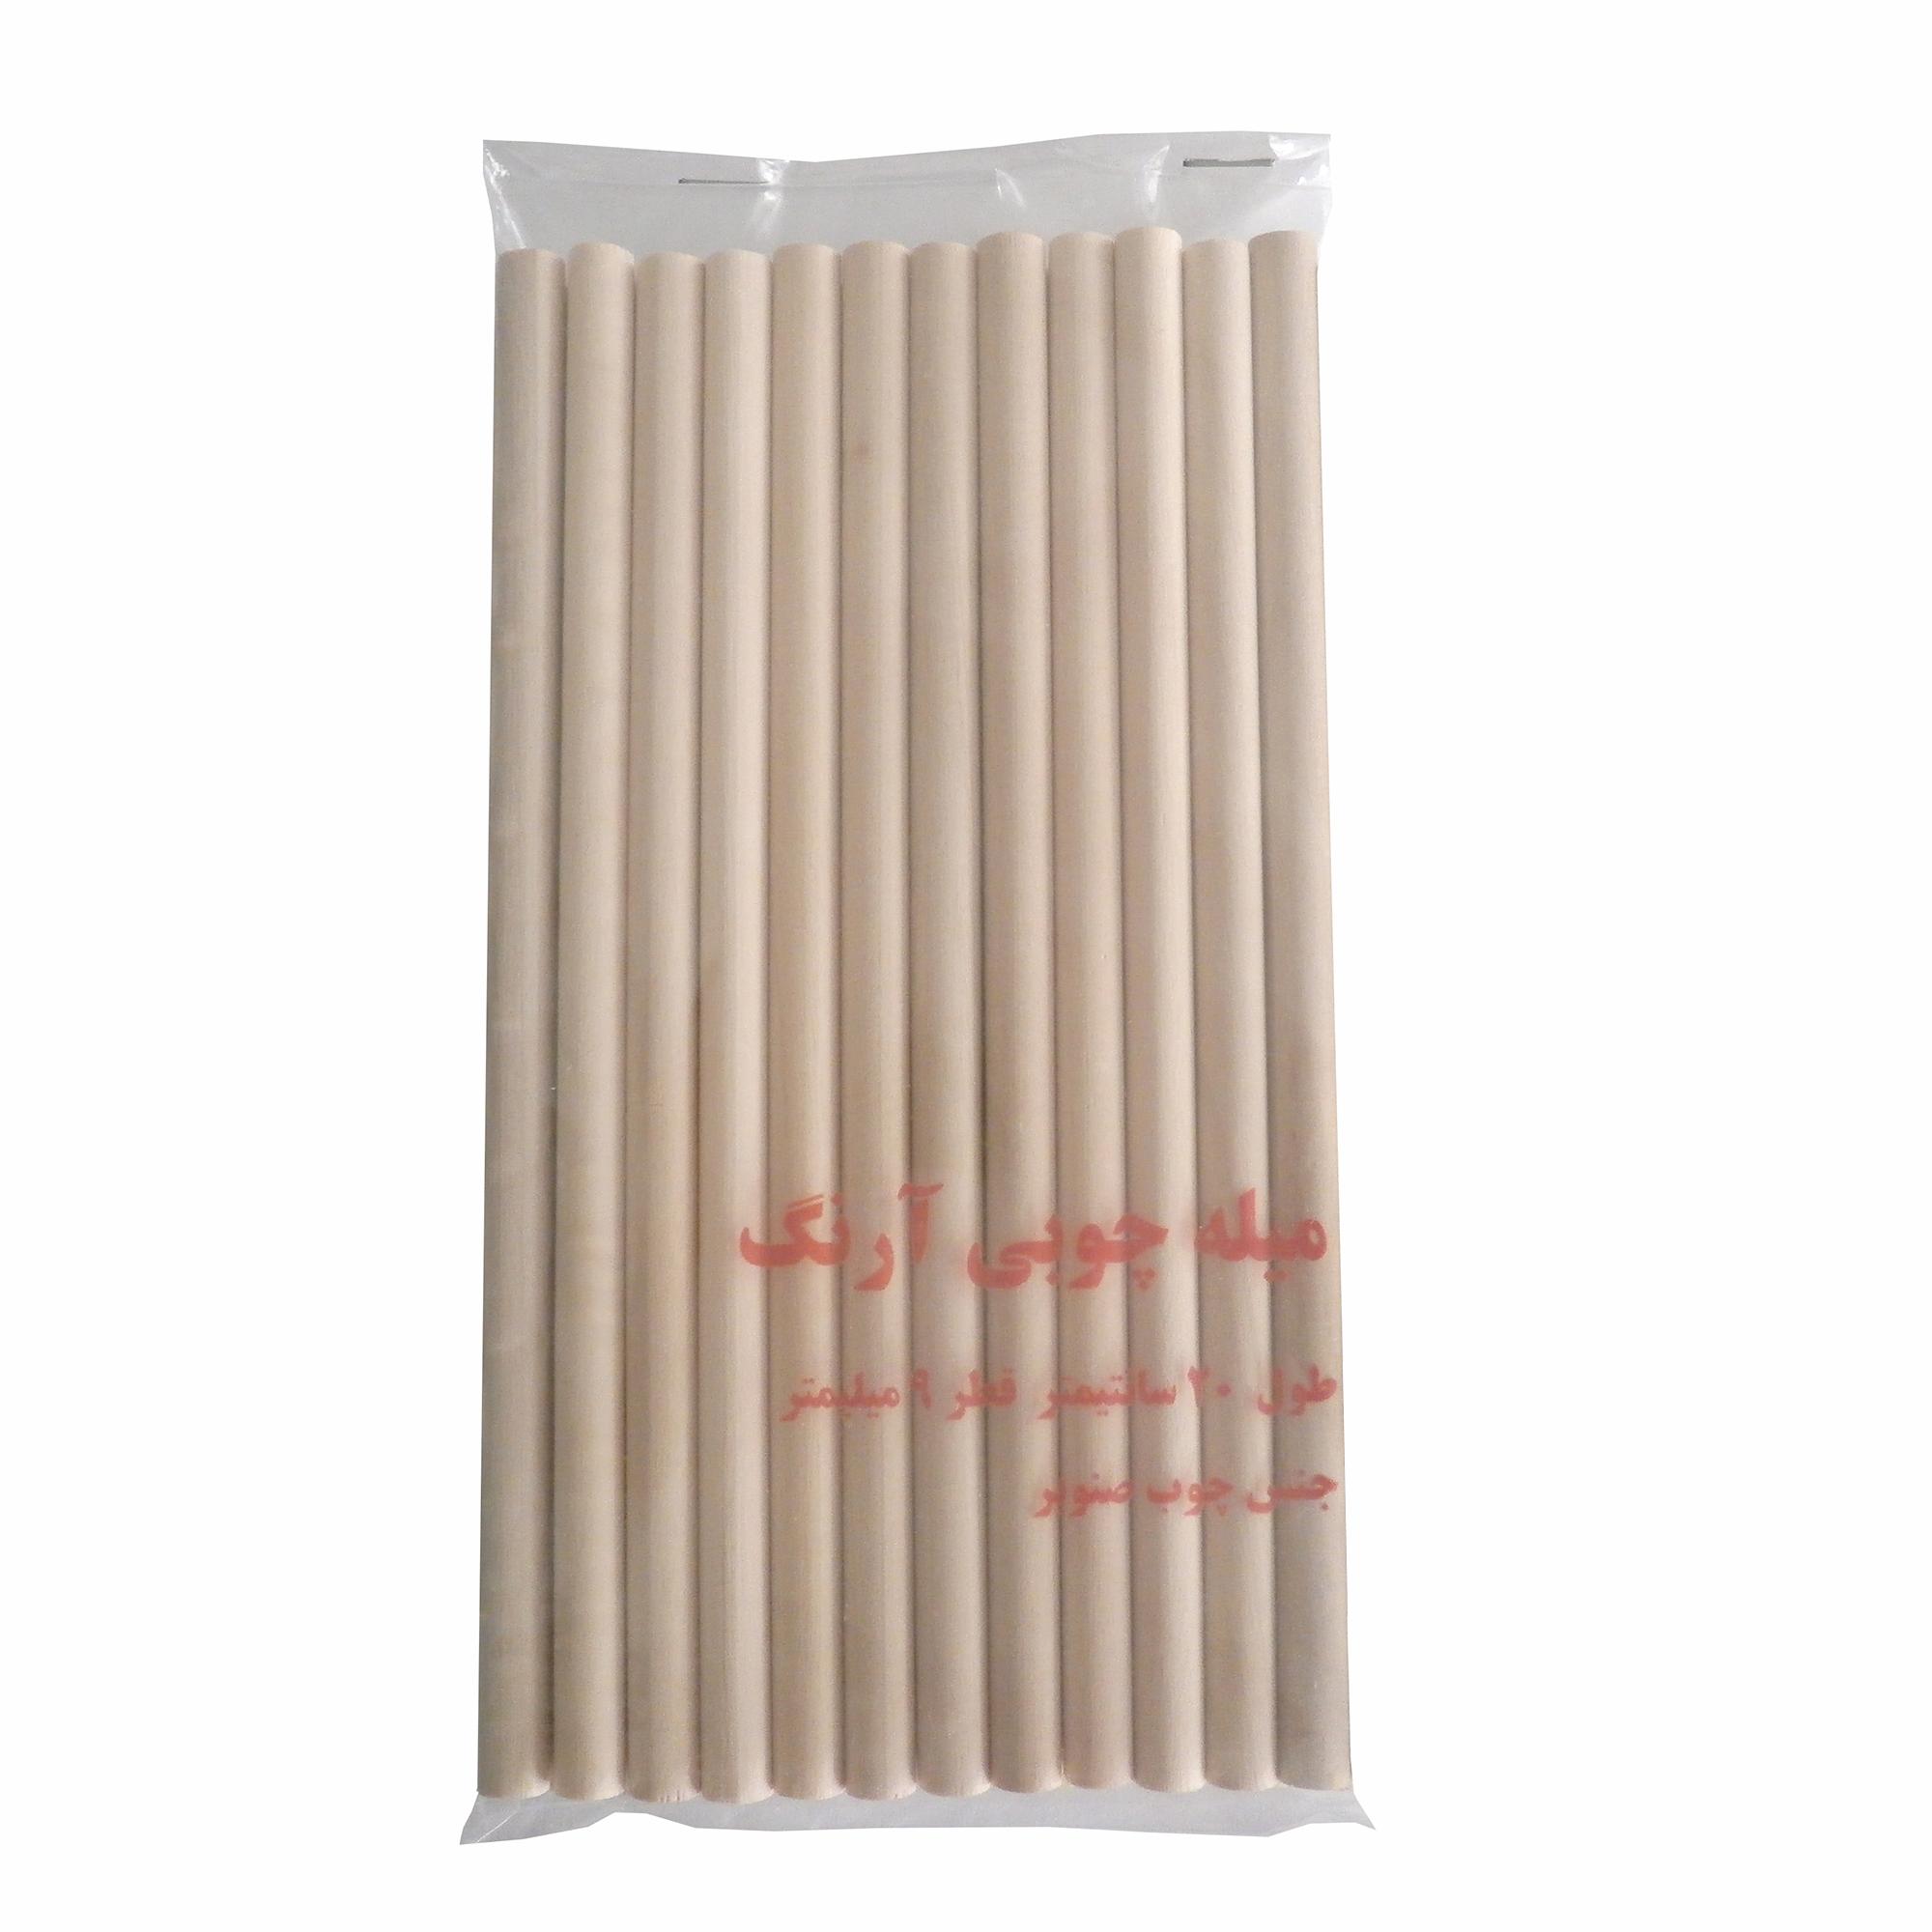 قیمت خرید میله چوبی آرنگ مدل GRD2009_25 بسته 25 عددی اورجینال